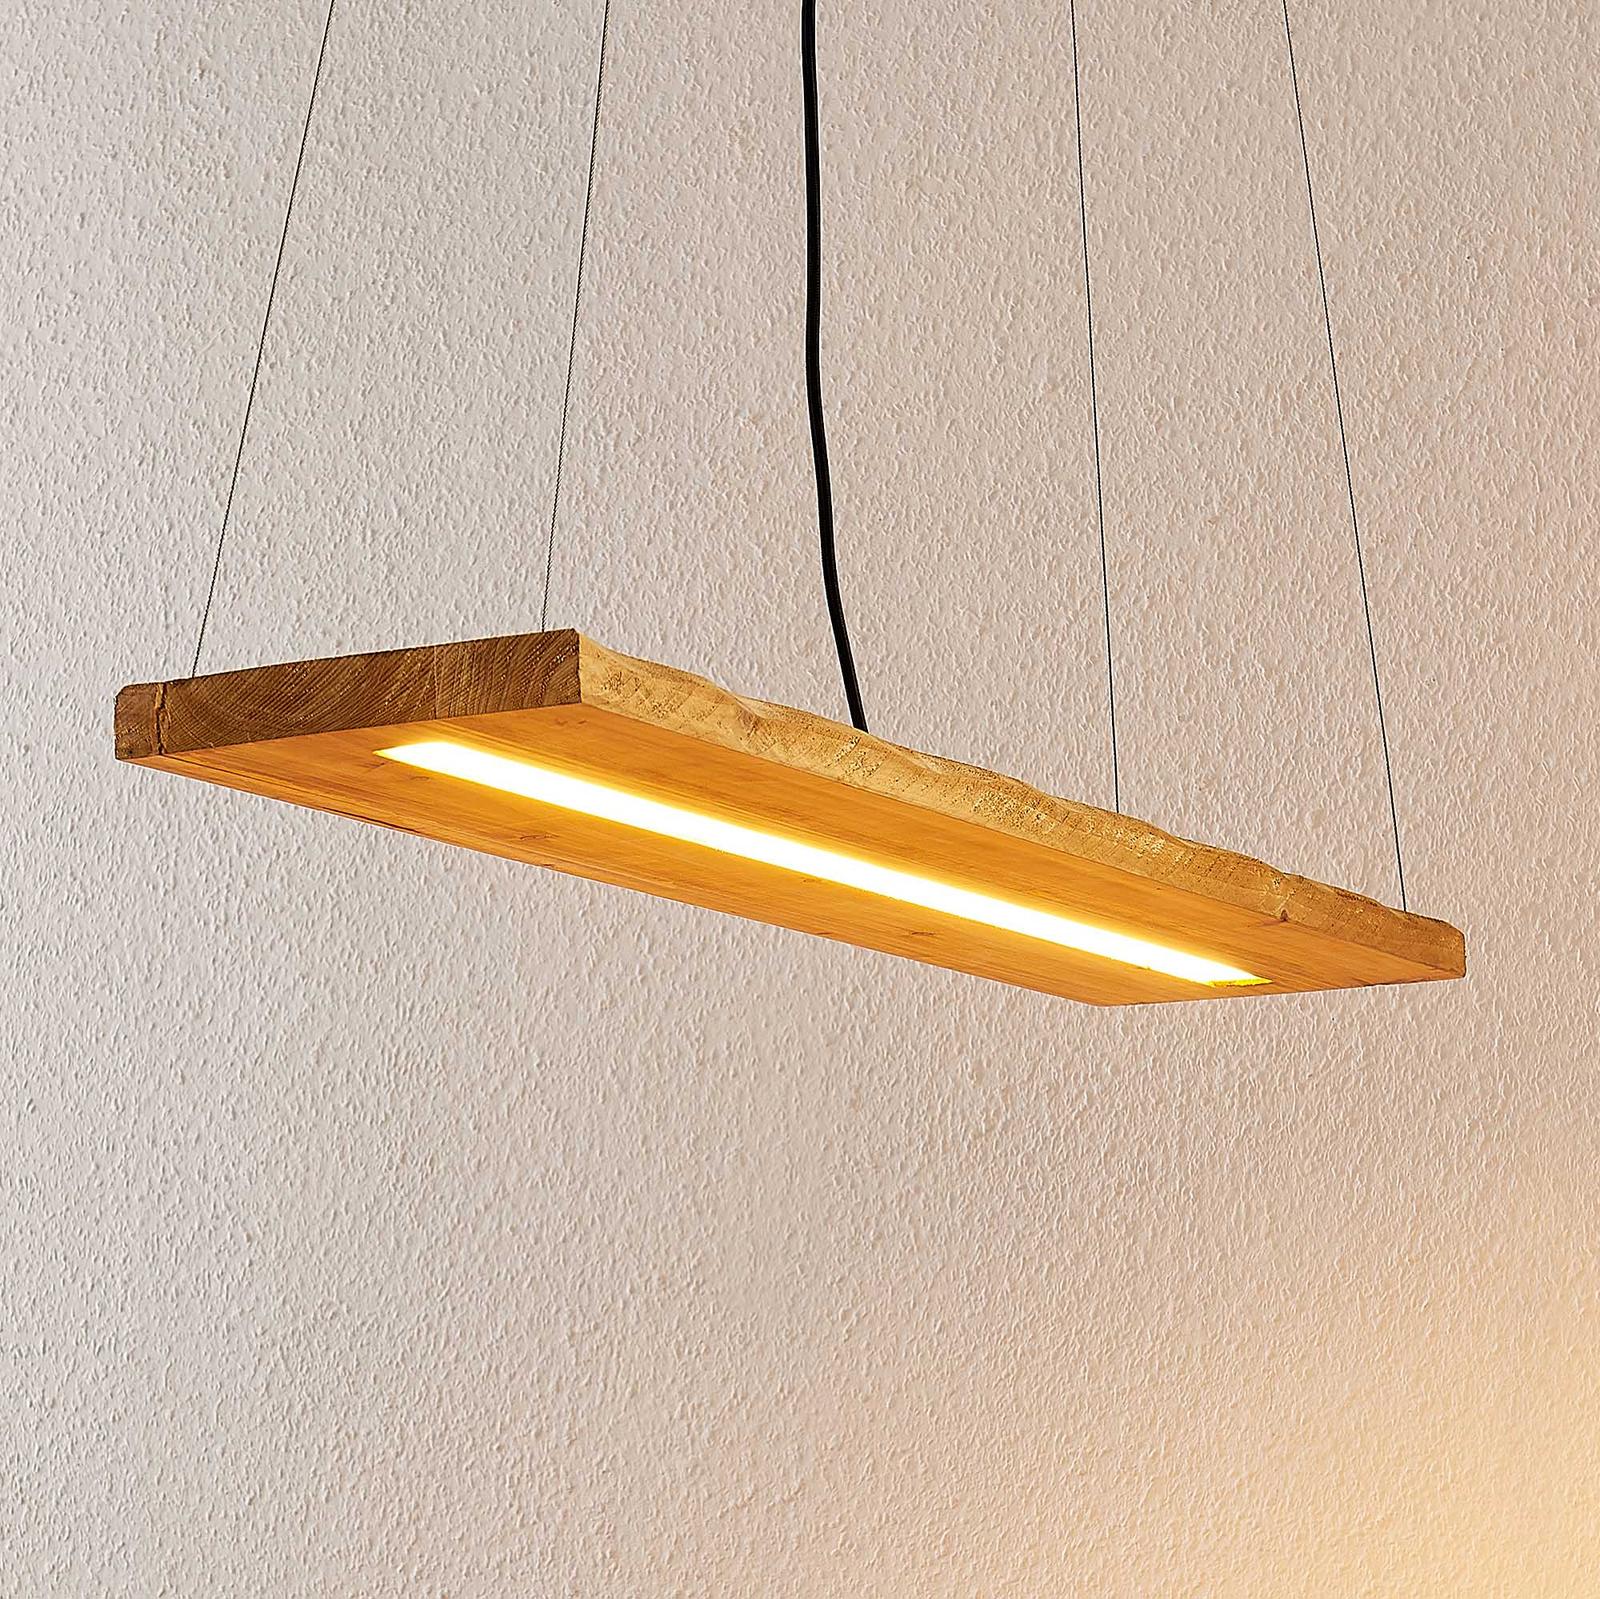 Lindby Nesaja LED-pendellampe av tre